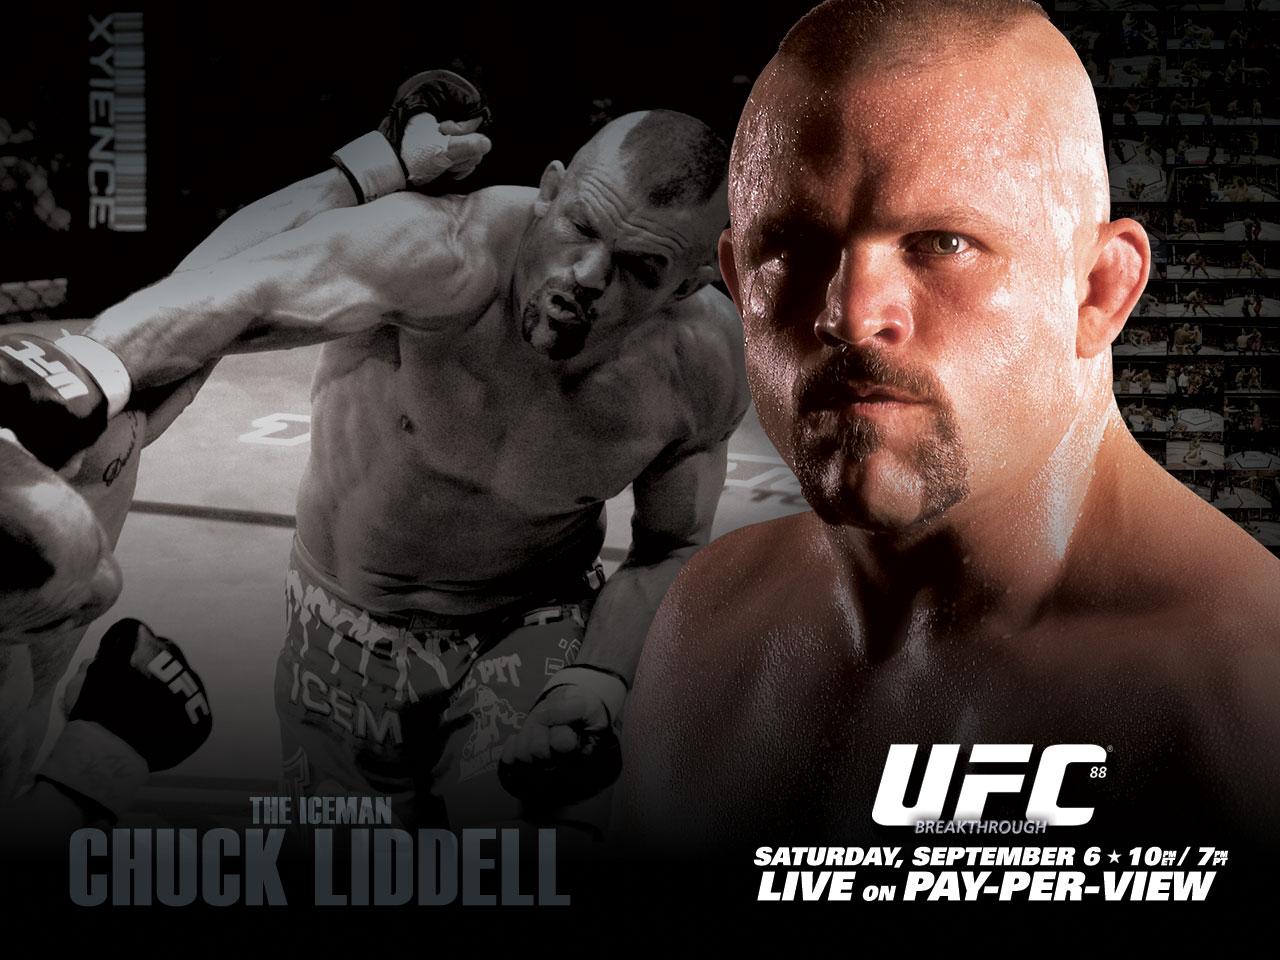 UFC Chuck Wallpaper 1280x960 UFC Chuck Liddel 1280x960